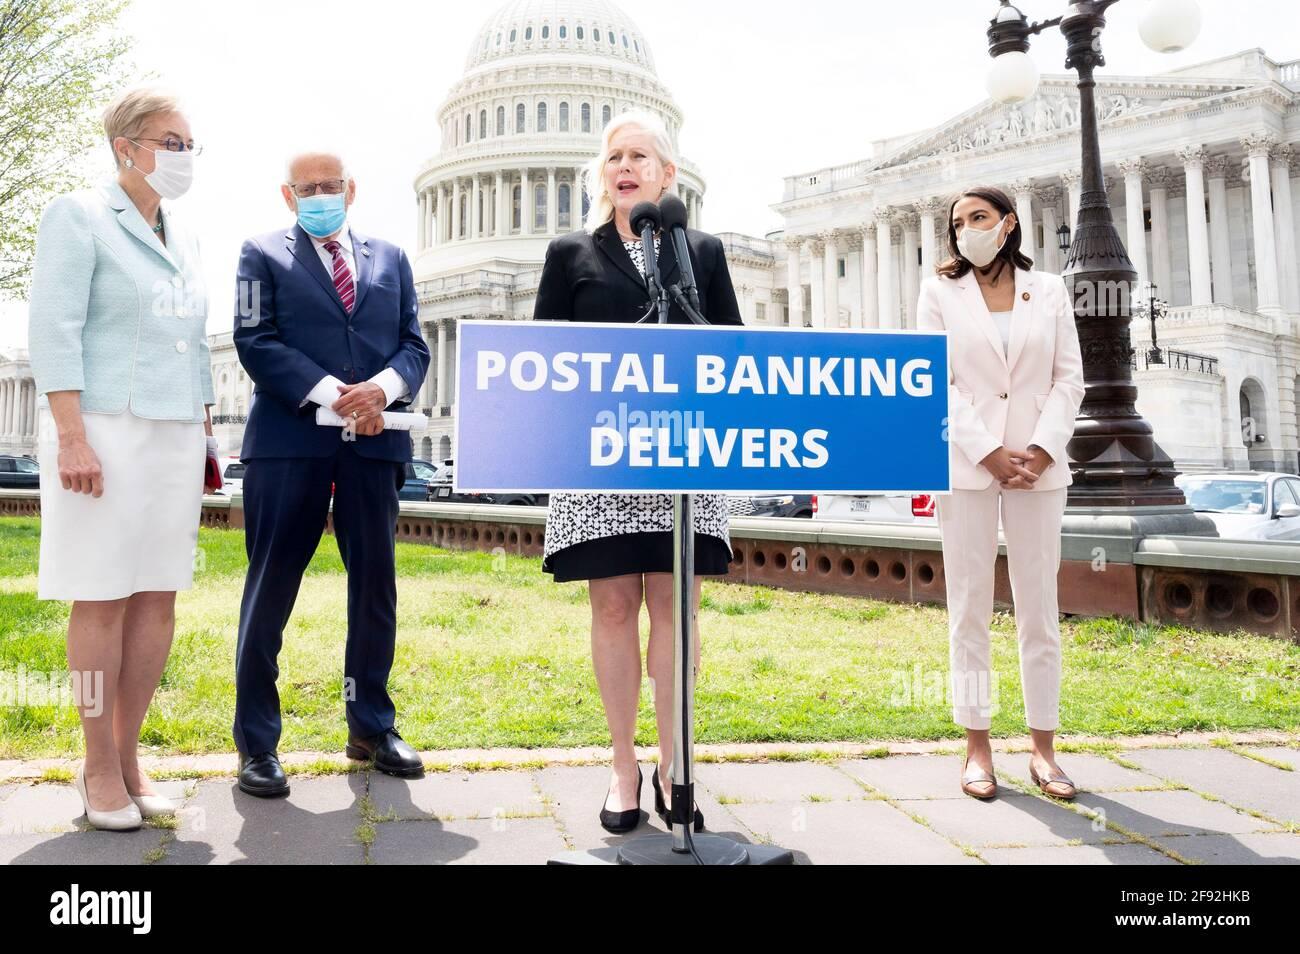 Washington, District de Columbia, États-Unis. 15 avril 2021. Le sénateur américain KIRSTEN GILLIBRAND (D-NY) a parlé lors d'une conférence de presse du programme pilote de banque postale. Crédit : Michael Brochstein/ZUMA Wire/Alay Live News Banque D'Images